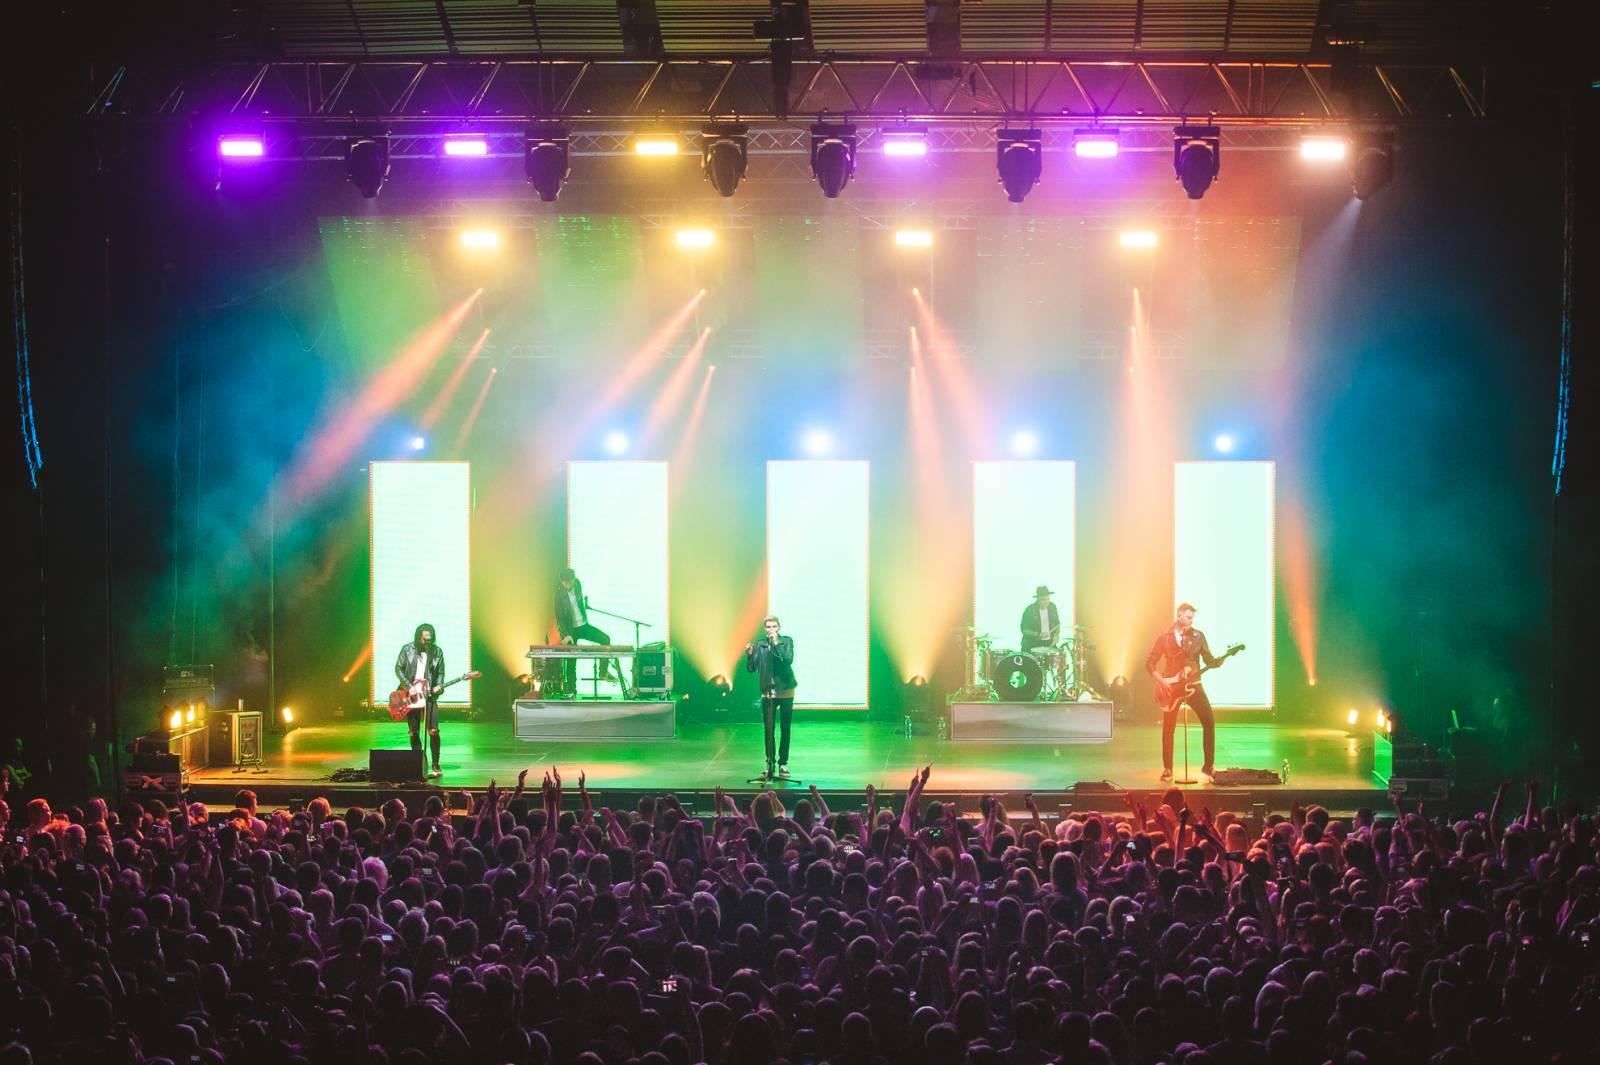 Mandrage čeká na podzim pokračování turné Po půlnoci. Budou prý hlasitější, energičtější i rockovější